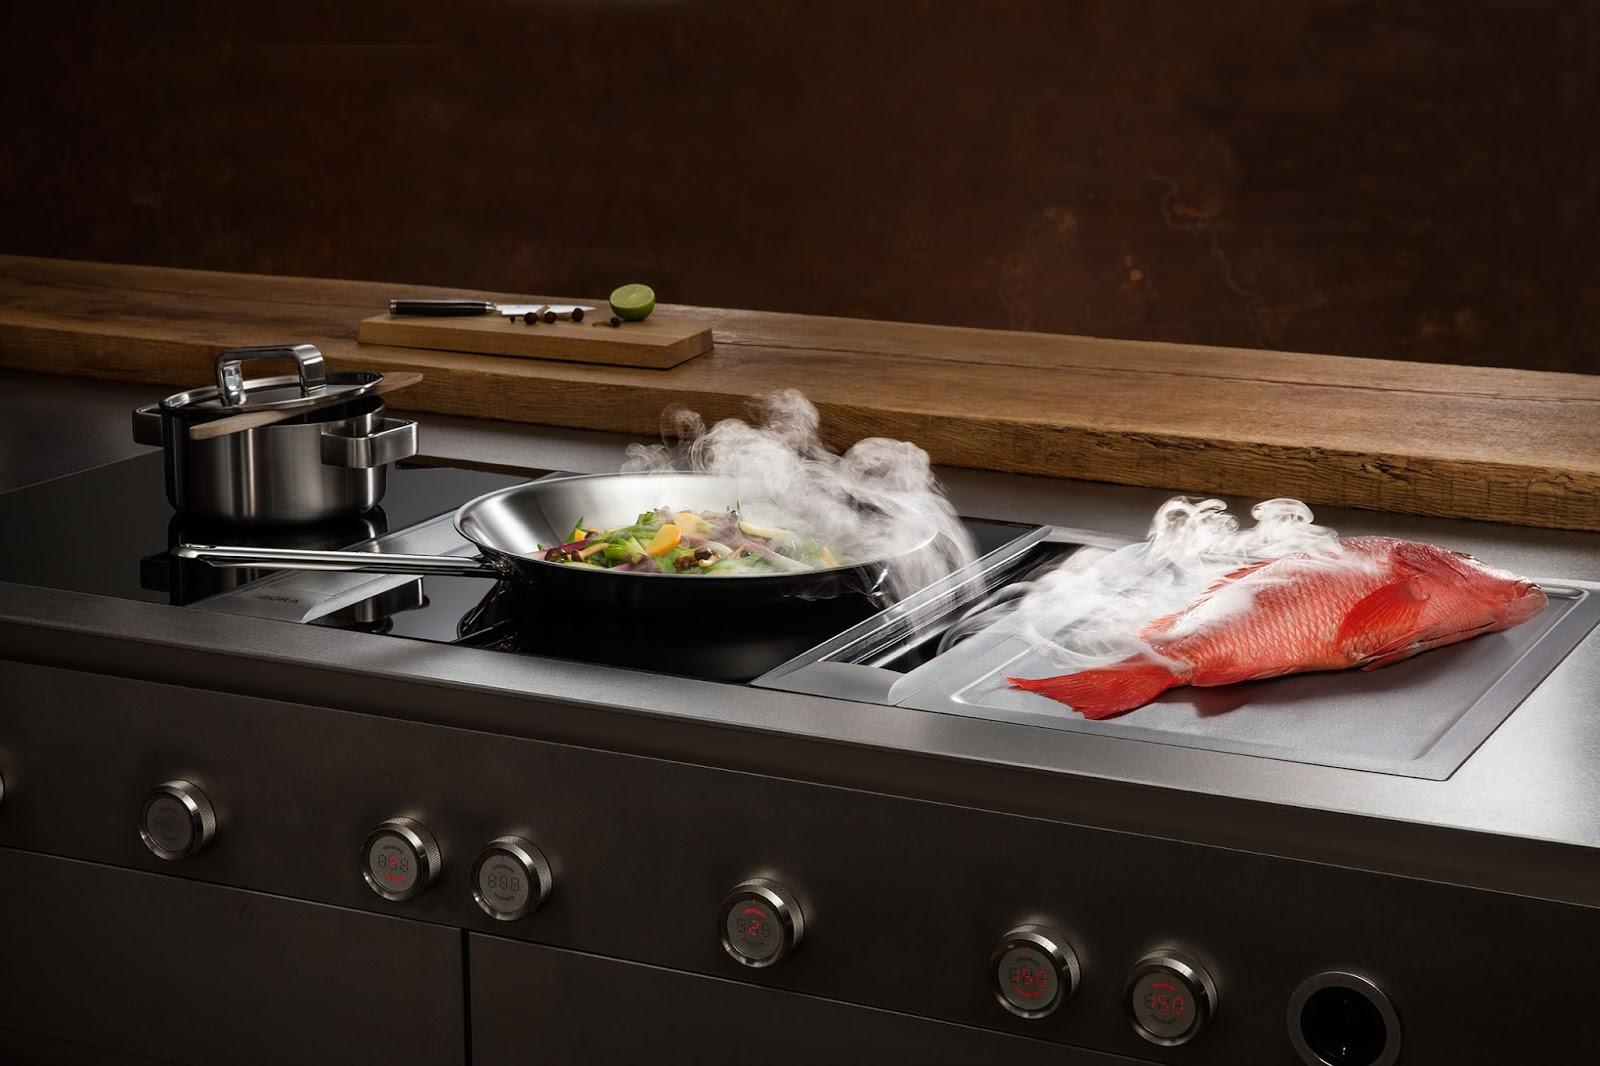 cucina svago piani cottura bora la rivoluzione in cucina. Black Bedroom Furniture Sets. Home Design Ideas